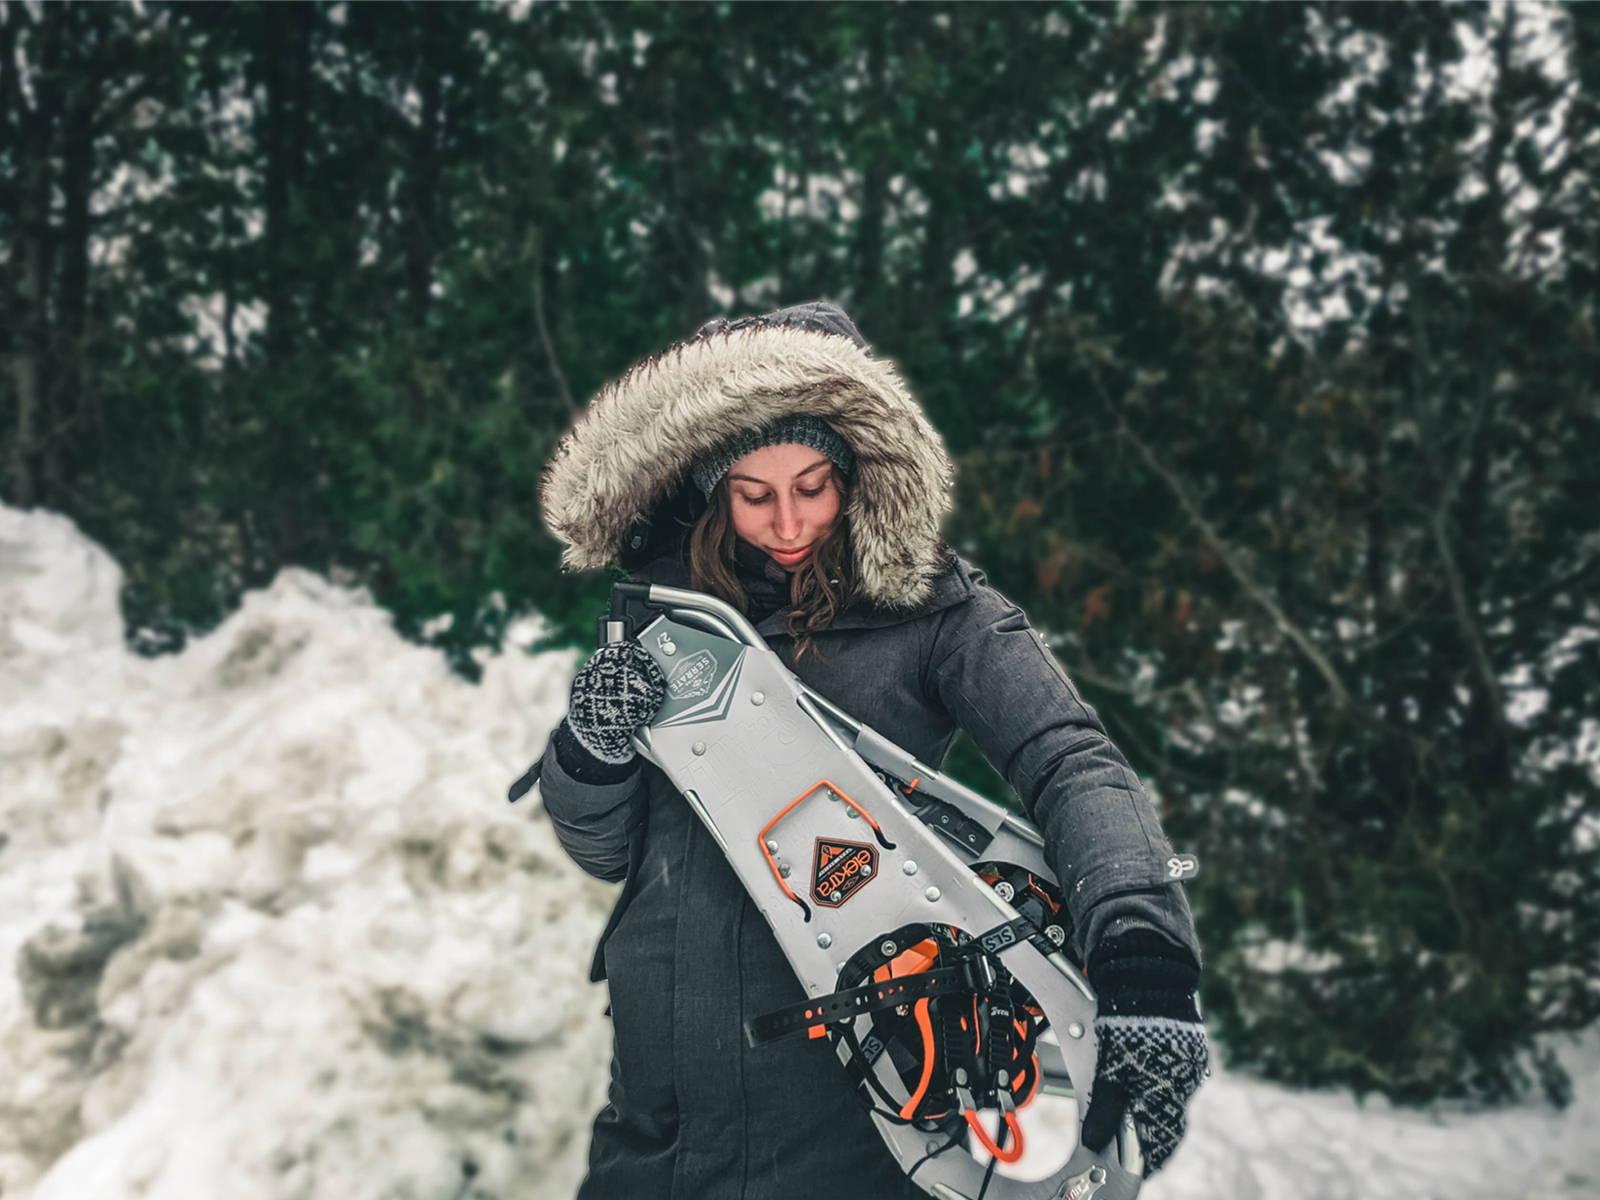 Randonneuse avec Mount Trail au parc val david val morin durant l'hiver. Randonneuse en raquette d'hiver.